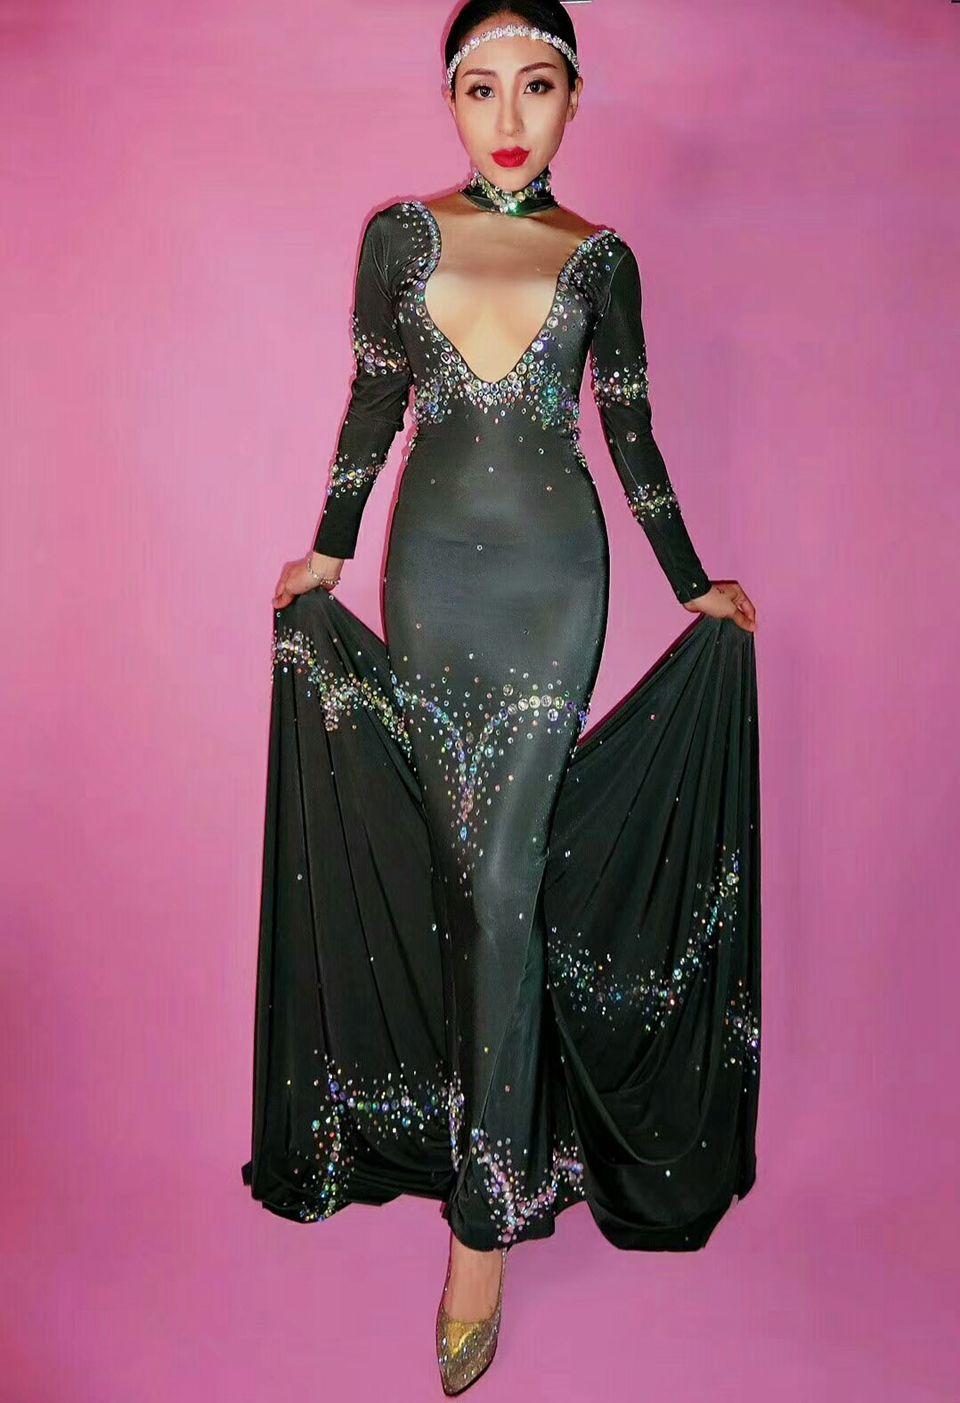 Sparkly красочный горный хрусталь длинное платье женщин сексуальный хвост черный корпус платье женское певец костюм день рождения вечеринка ночное клуб платье